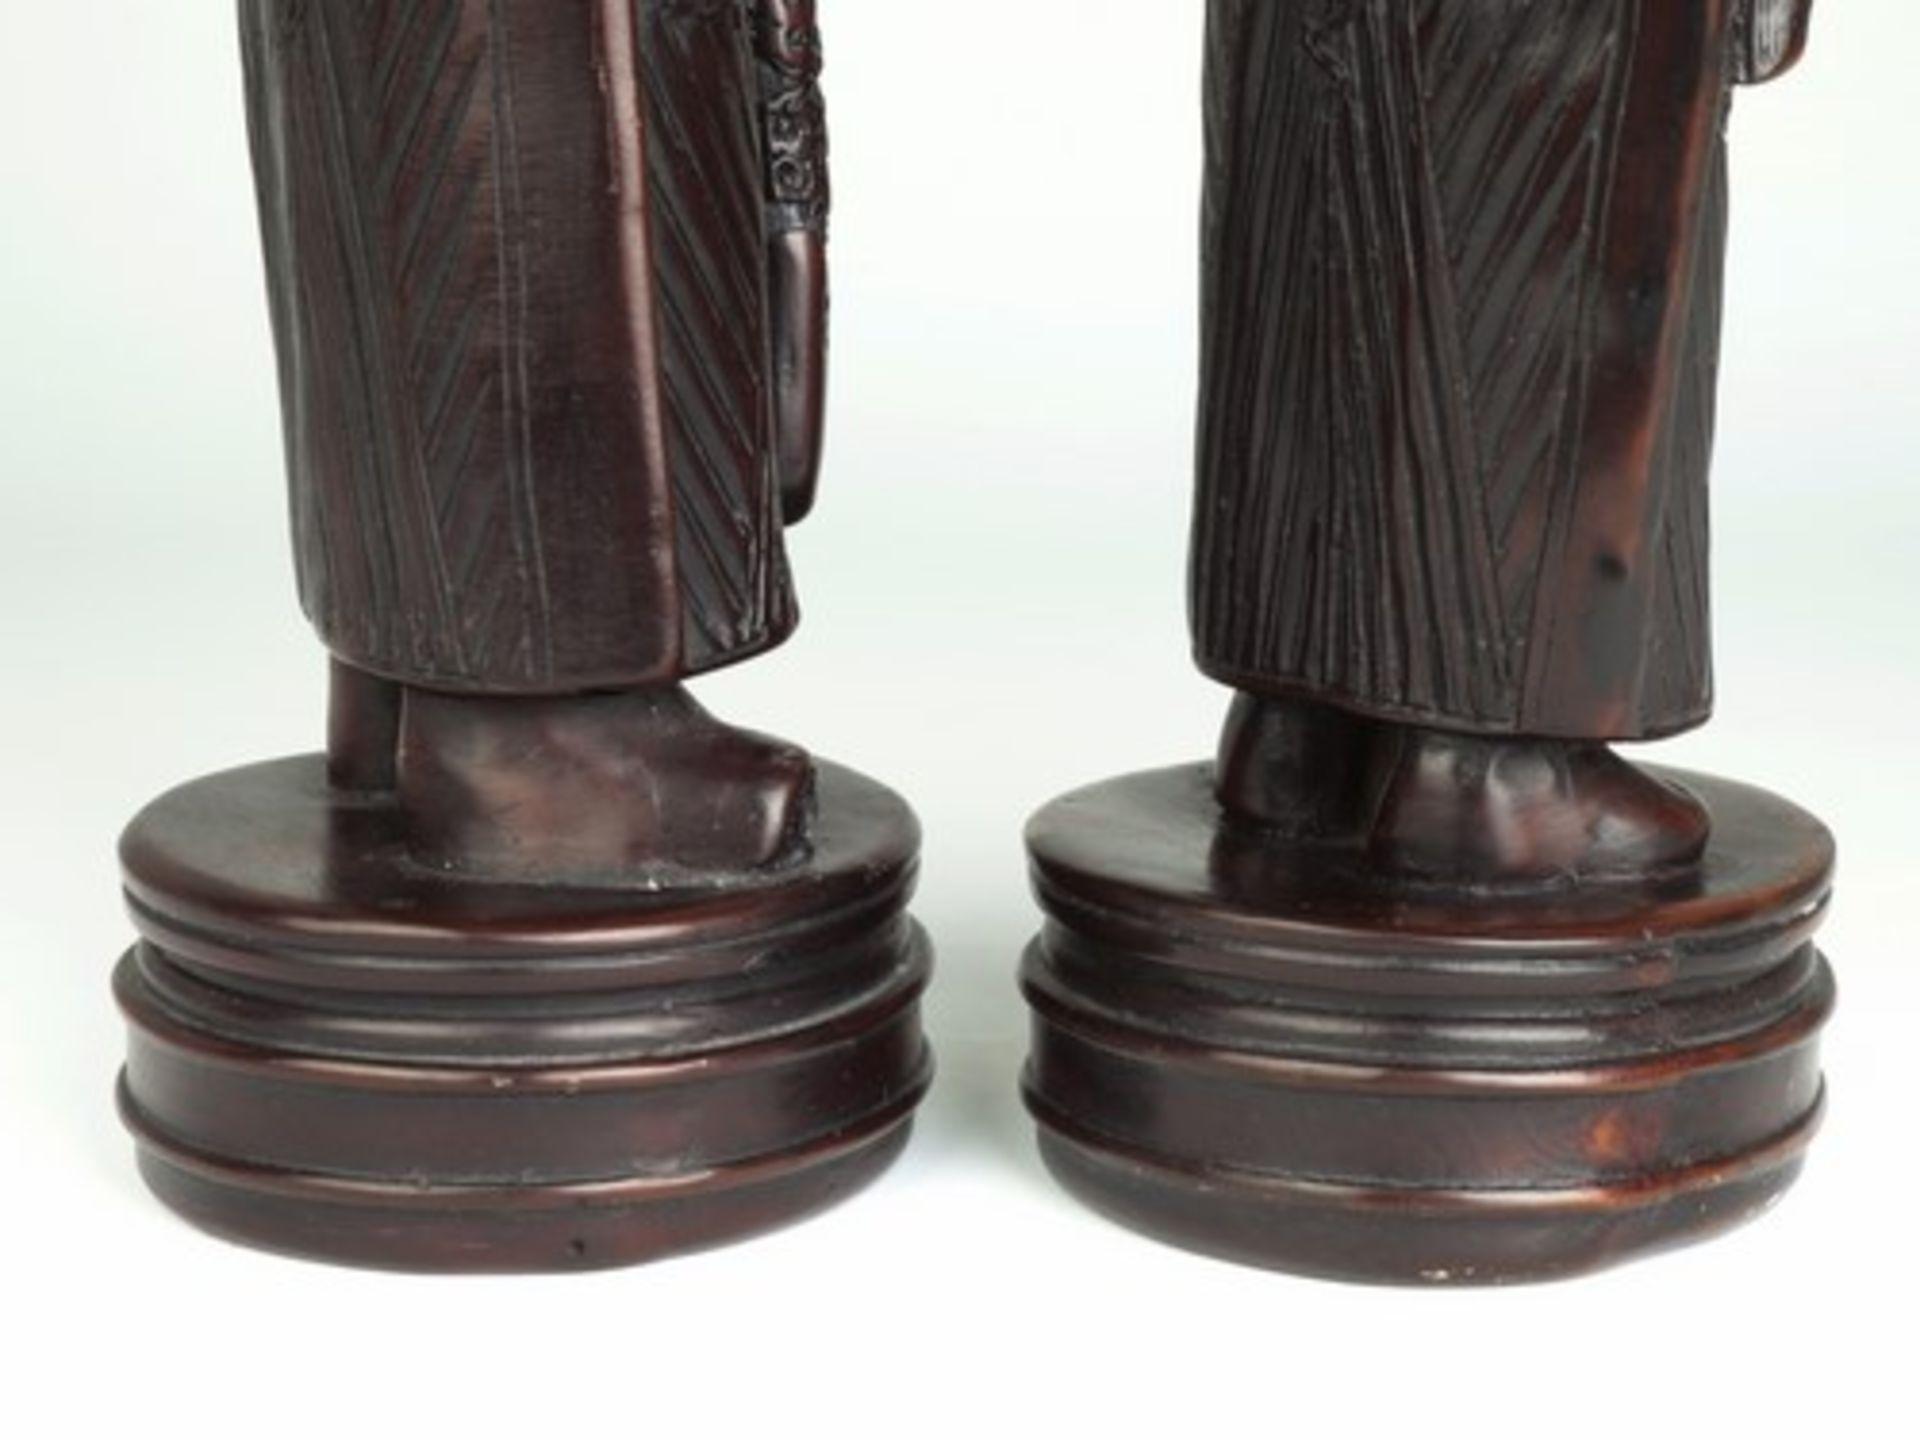 Los 1833 - Figurenpaar - China20.Jh., Masse, braun gefasst, königliches Ehepaar traditionell gekleidet m.